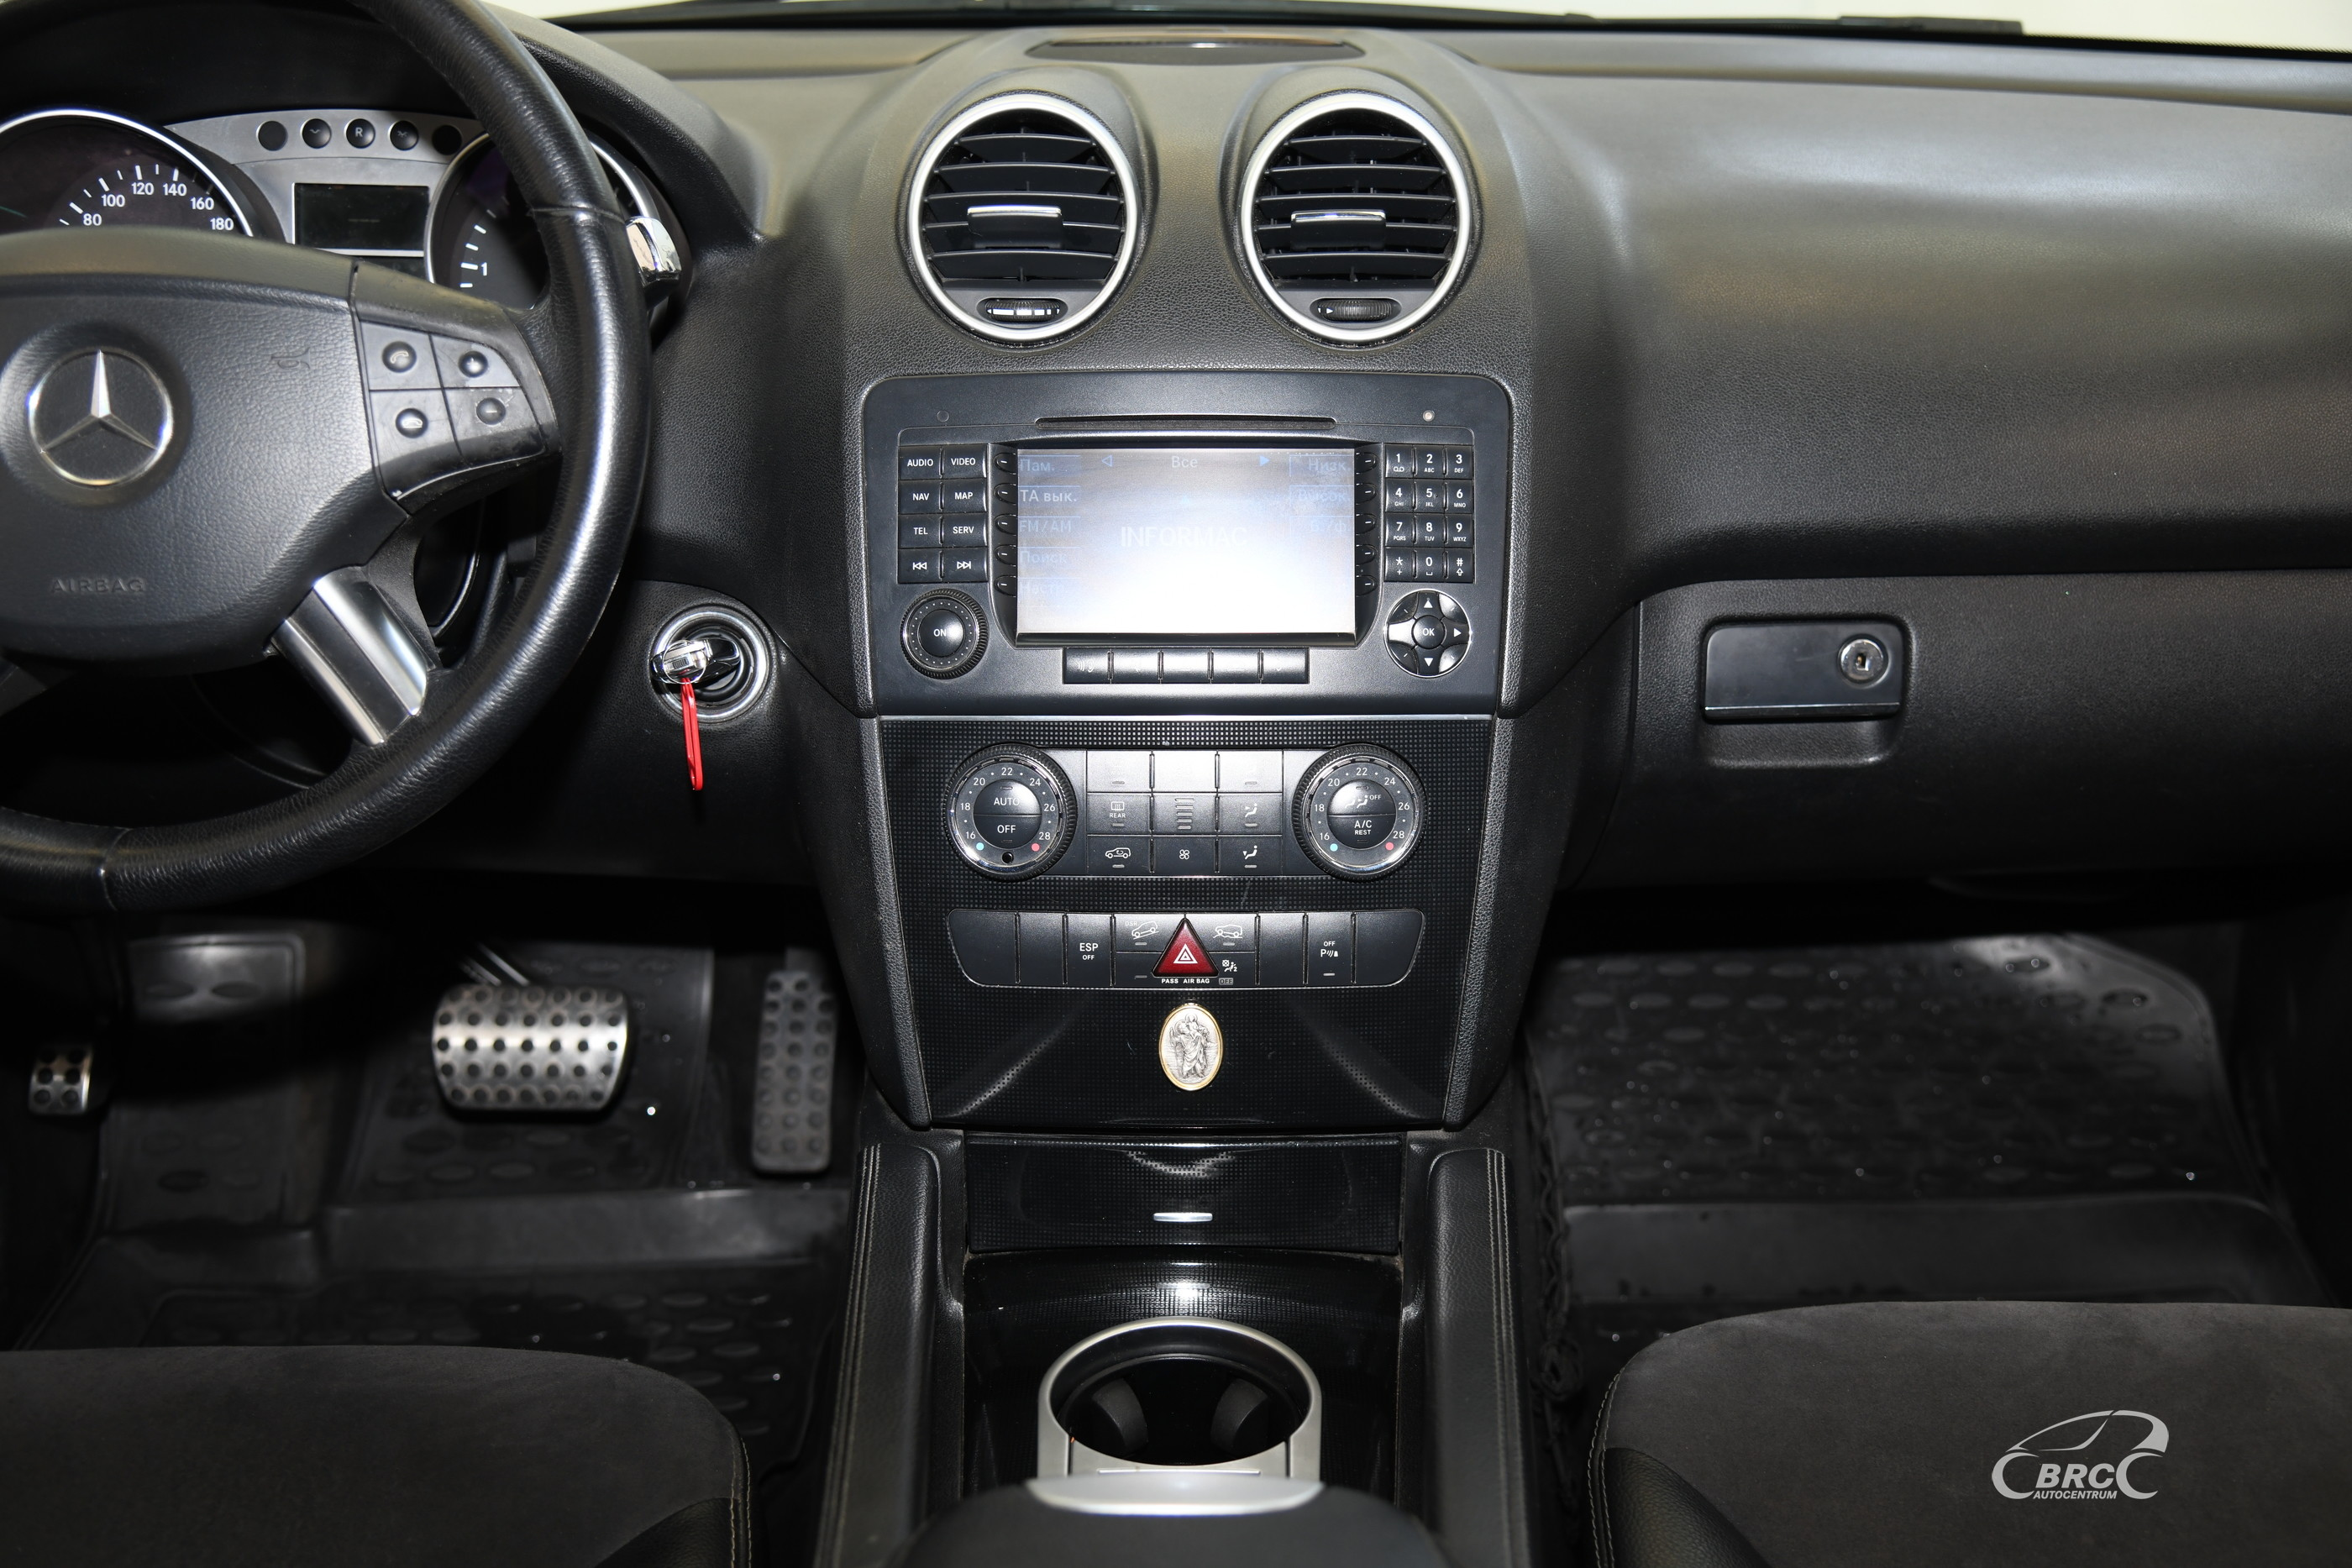 Mercedes-Benz ML 320 CDI 4Matic Automatas